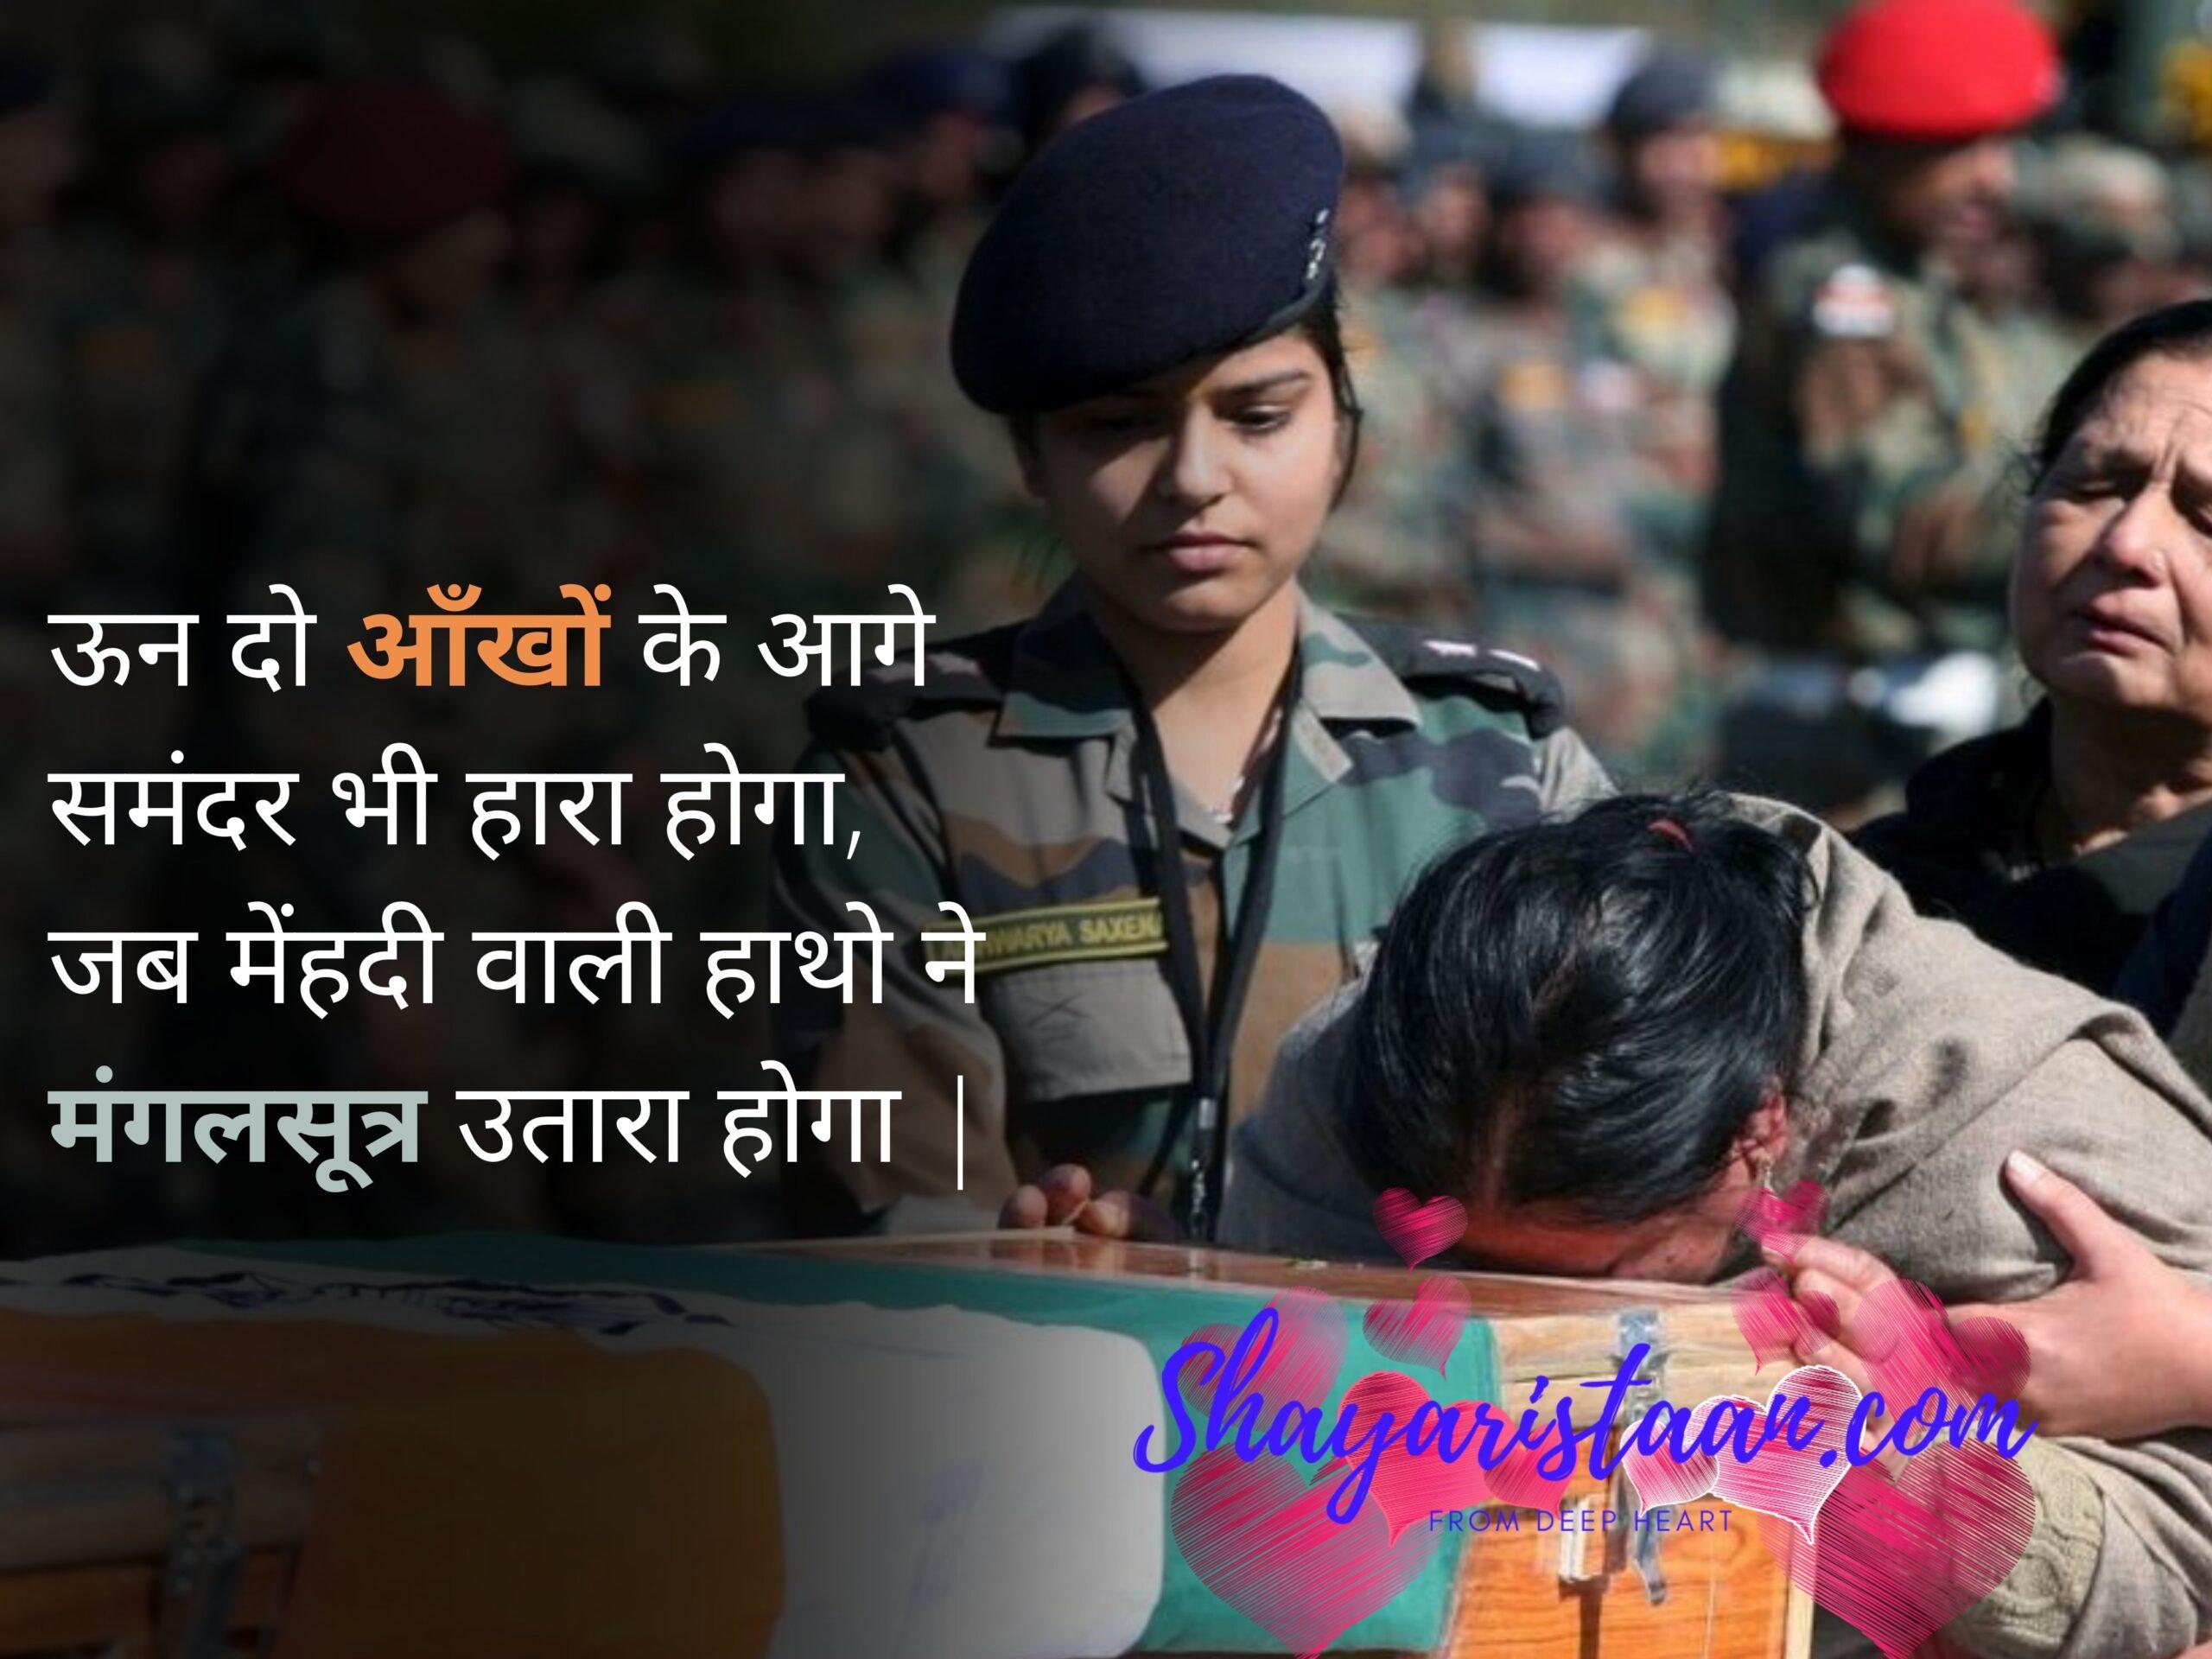 indian army status | ऊन दो आँखों के आगे समंदर भी हारा होगा, जब मेंहदी वाली हाथो ने मंगलसूत्र उतारा होगा |